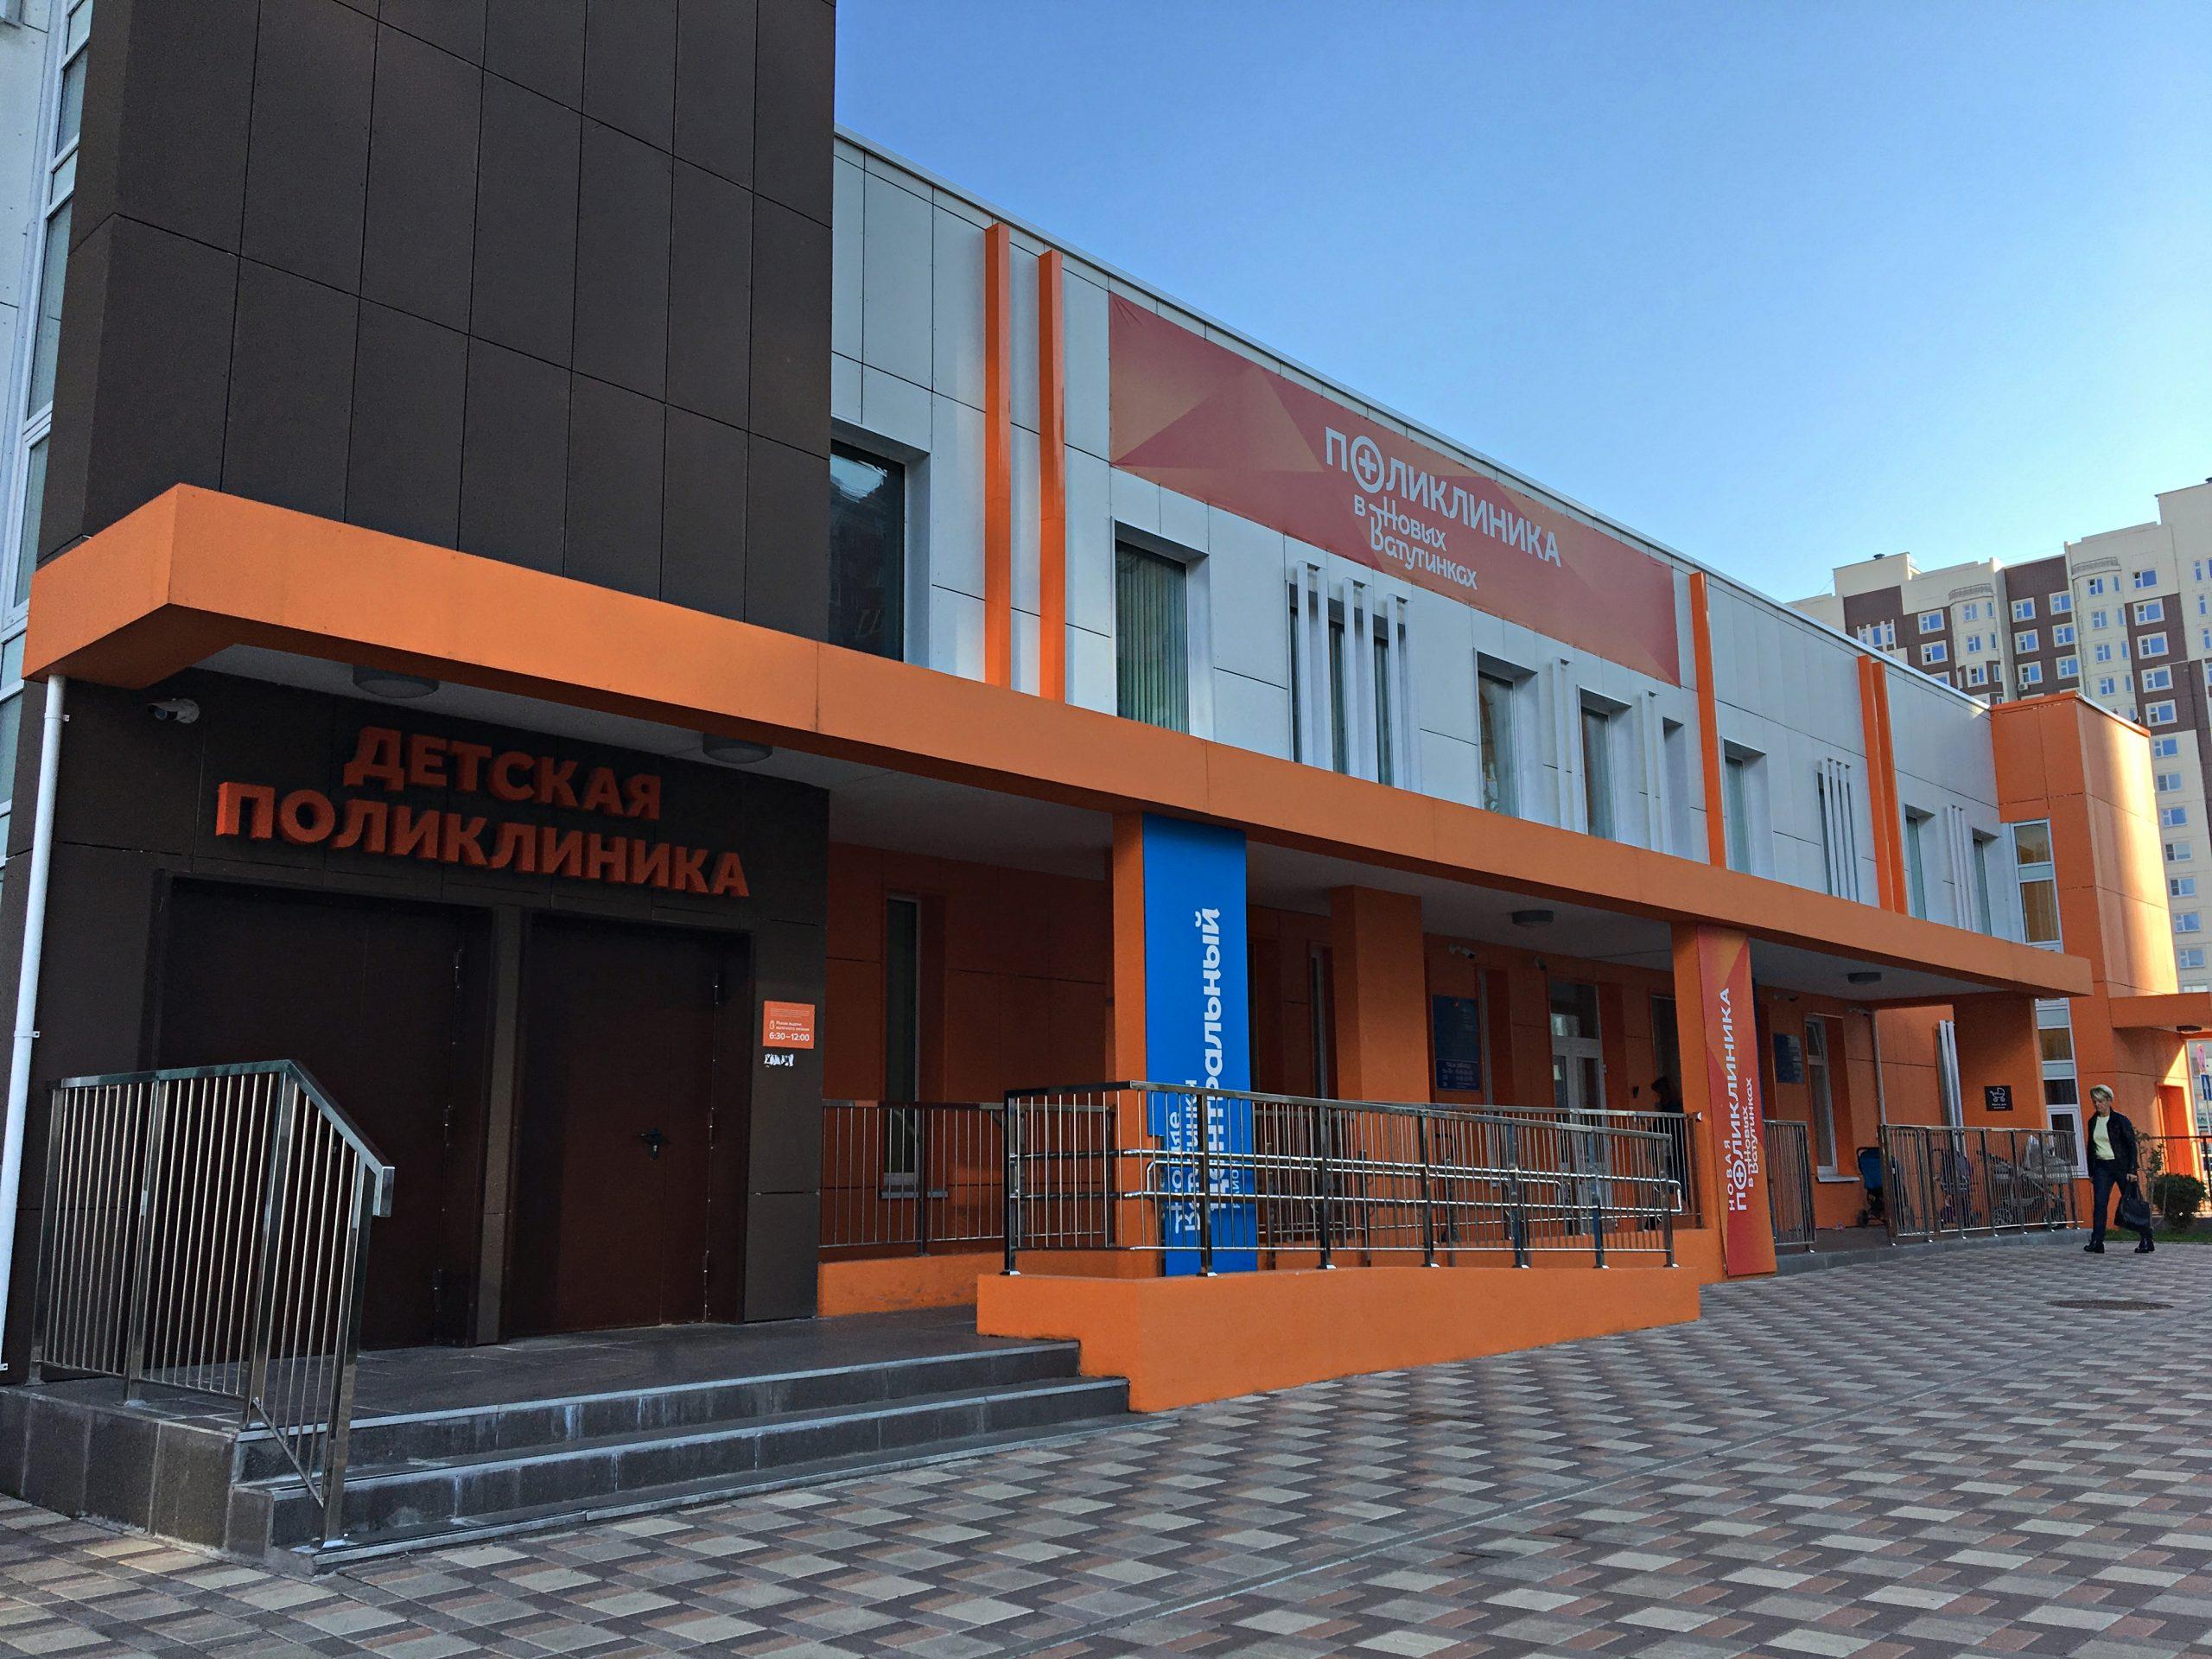 Поликлинику в Марушкинском введут в эксплуатацию к концу 2021 года